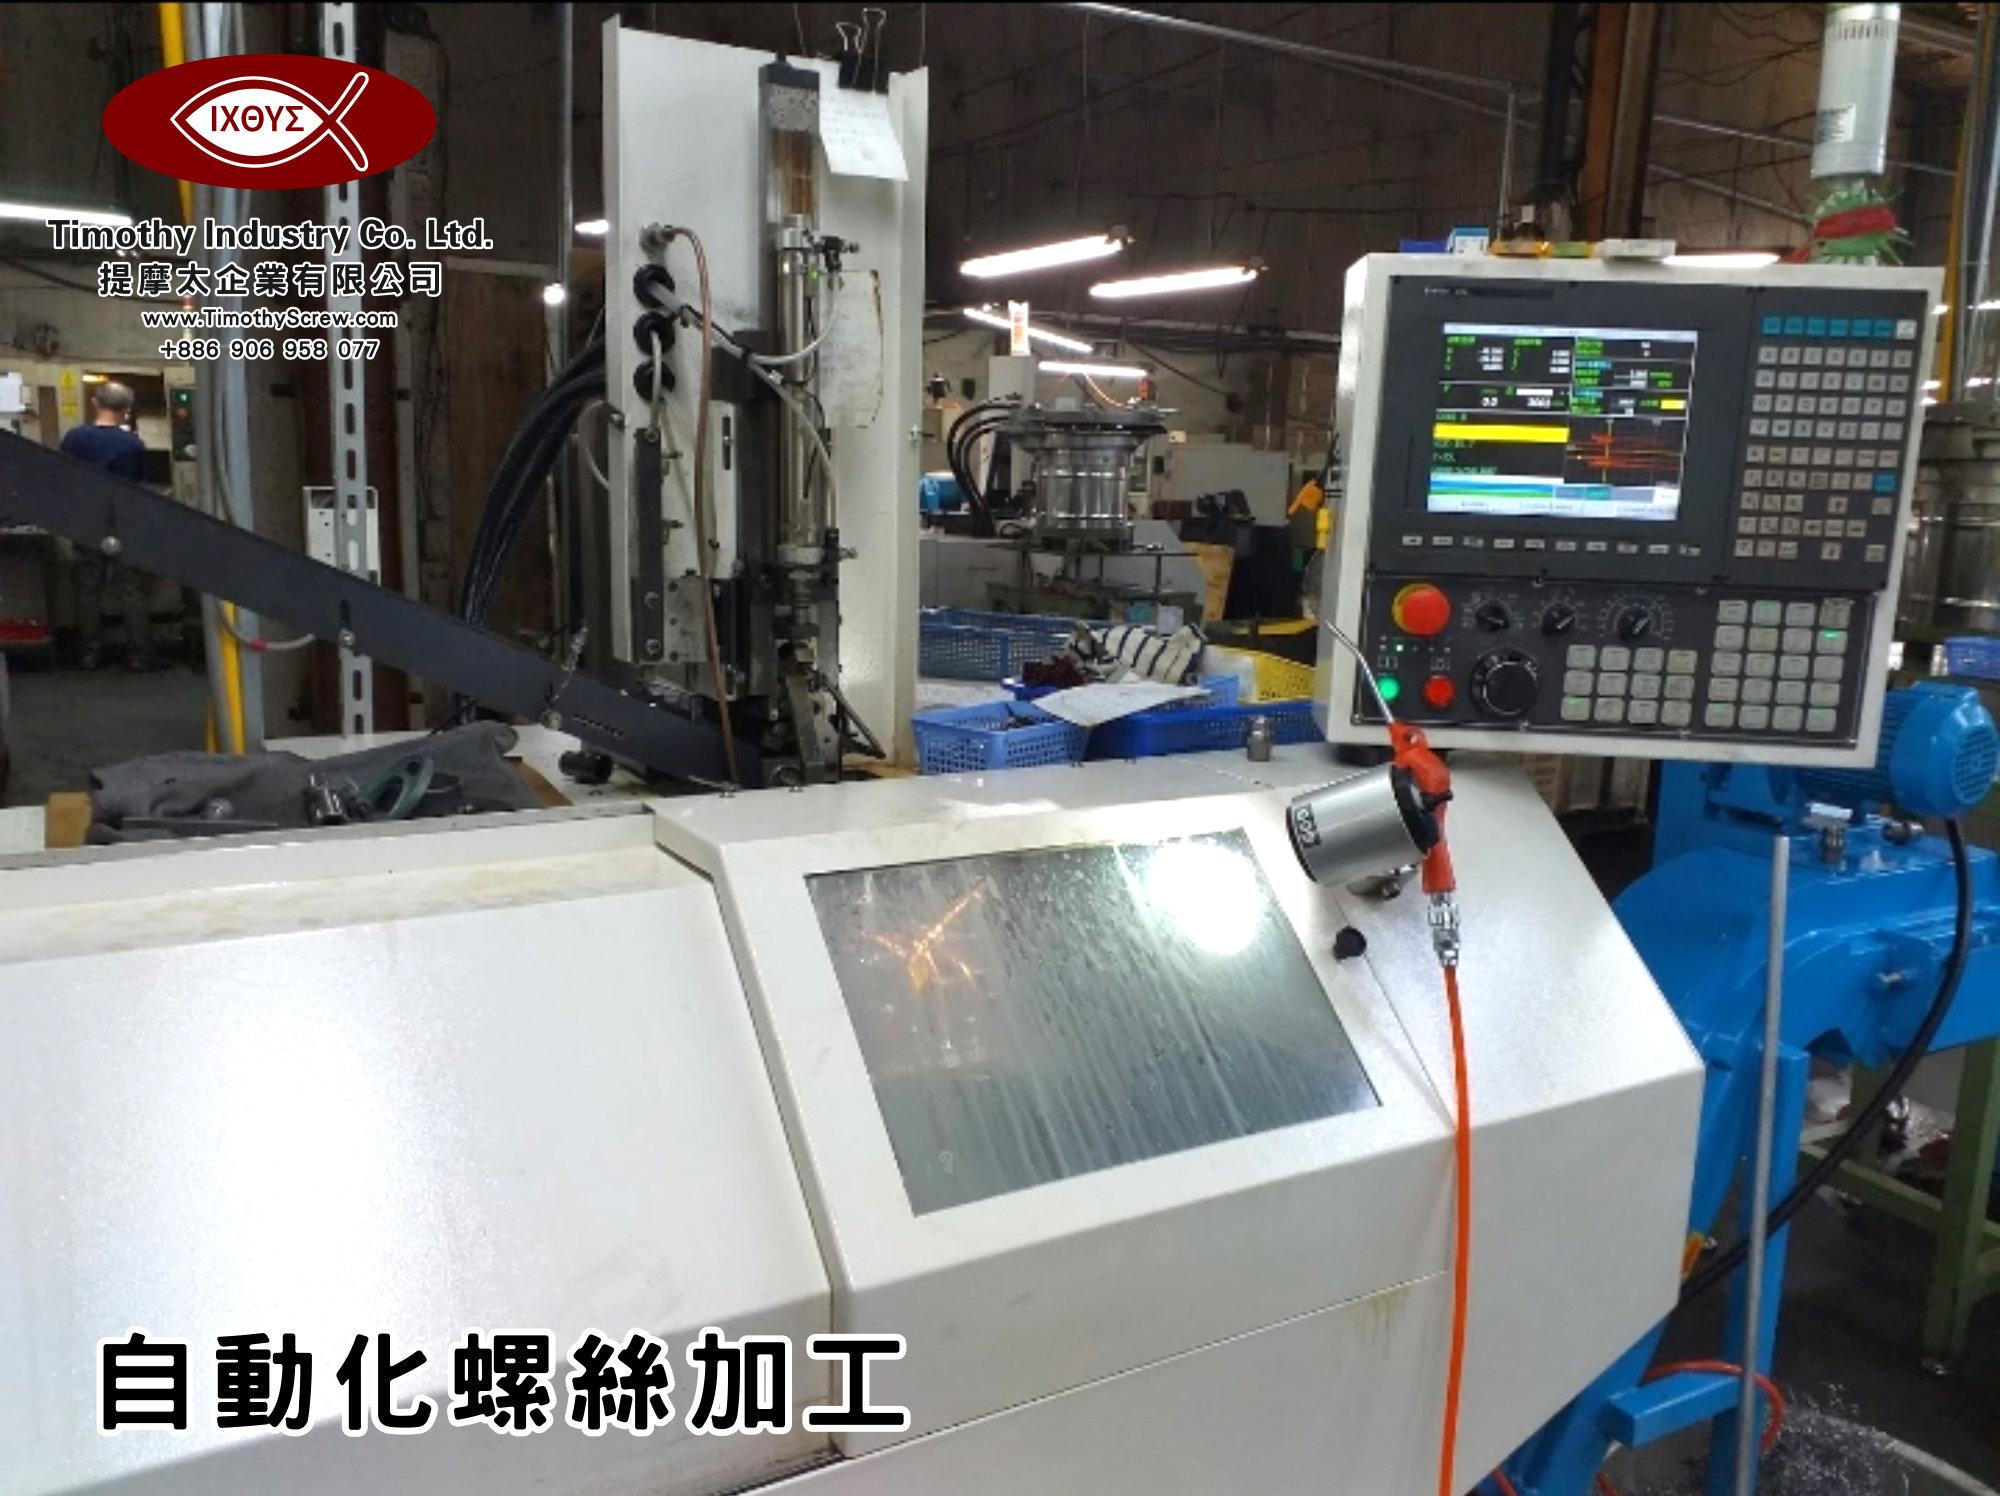 提摩太企業有限公司 Timothy Industry Co Ltd 自動化螺絲加工 車床部 銑床部 台灣自動化螺絲加工 螺絲製造 A04